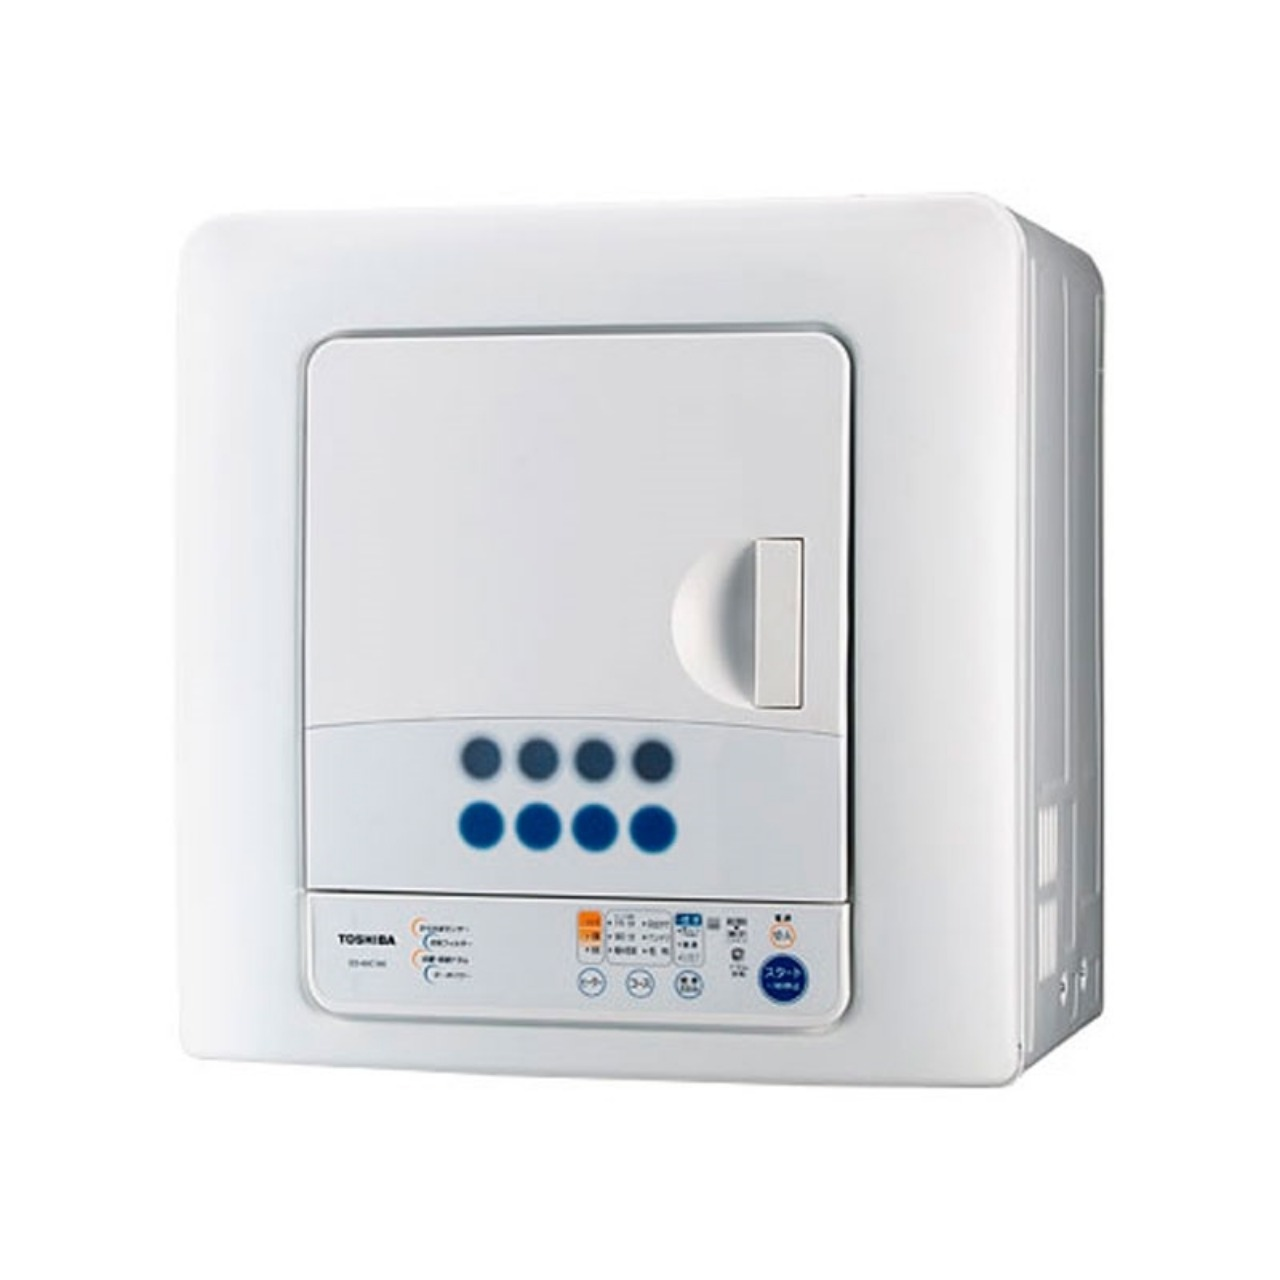 東芝ED-60C衣類乾燥機